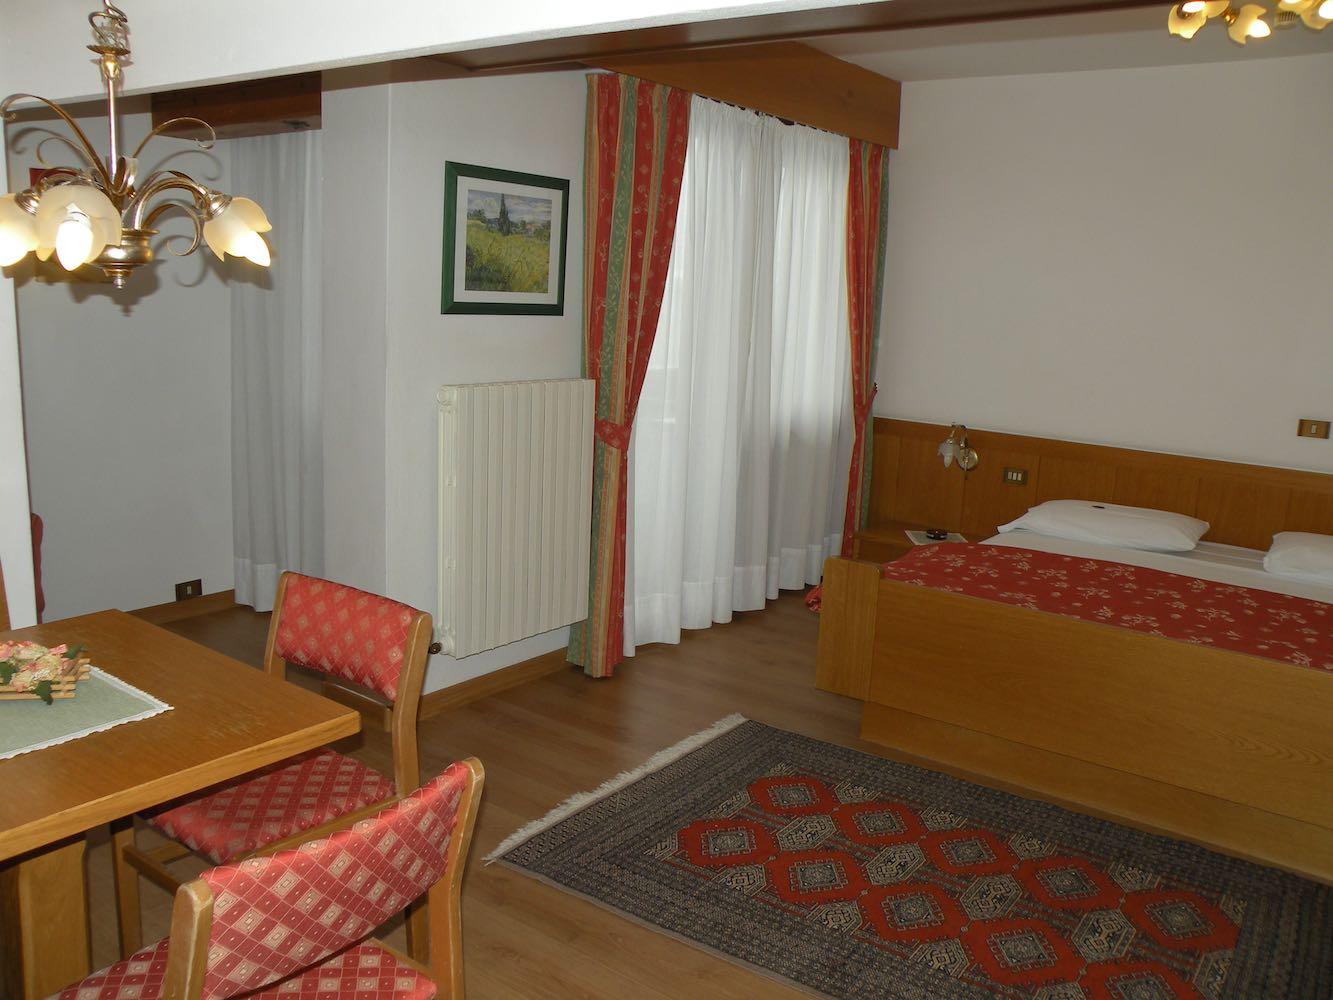 https://www.hpanorama.it/wp-content/uploads/2015/05/hotel-panorama-dolomiti-12.jpg